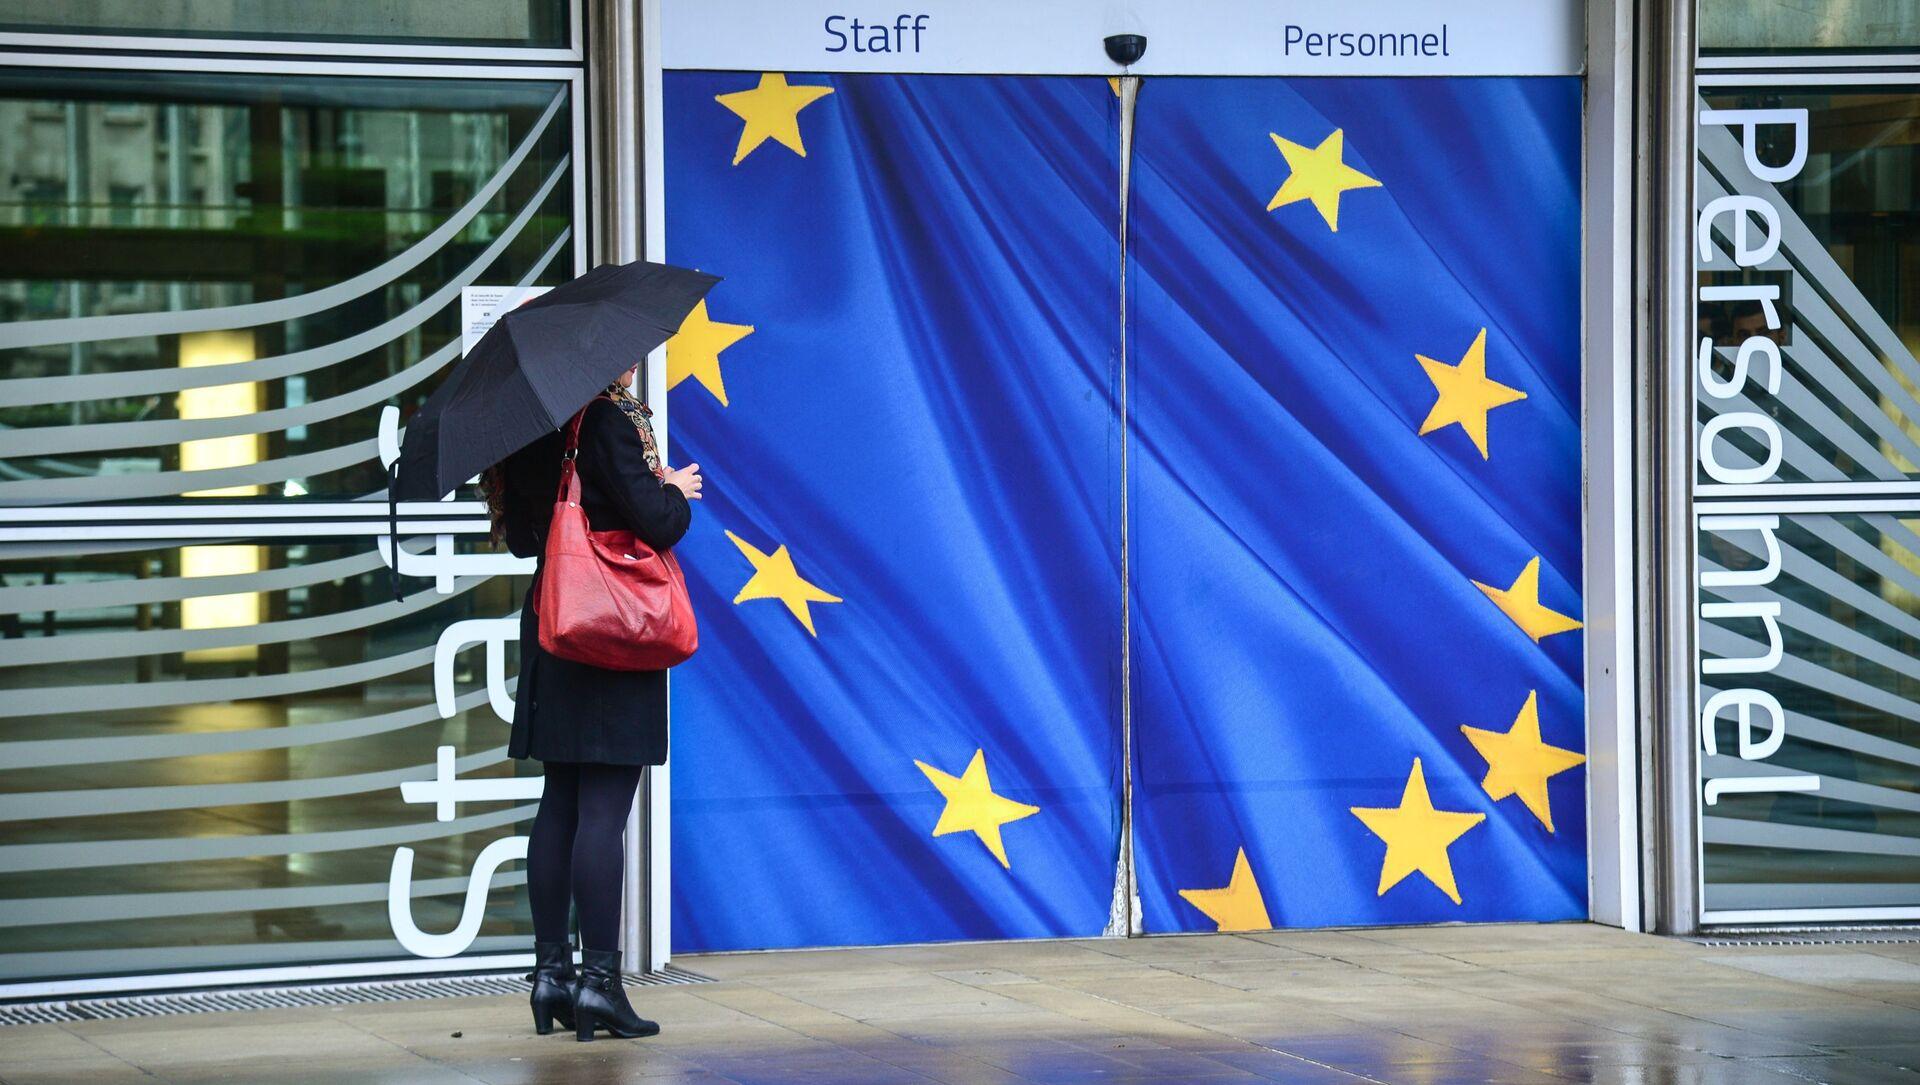 Siège de la Commission européenne, Bruxelles - Sputnik France, 1920, 30.07.2021